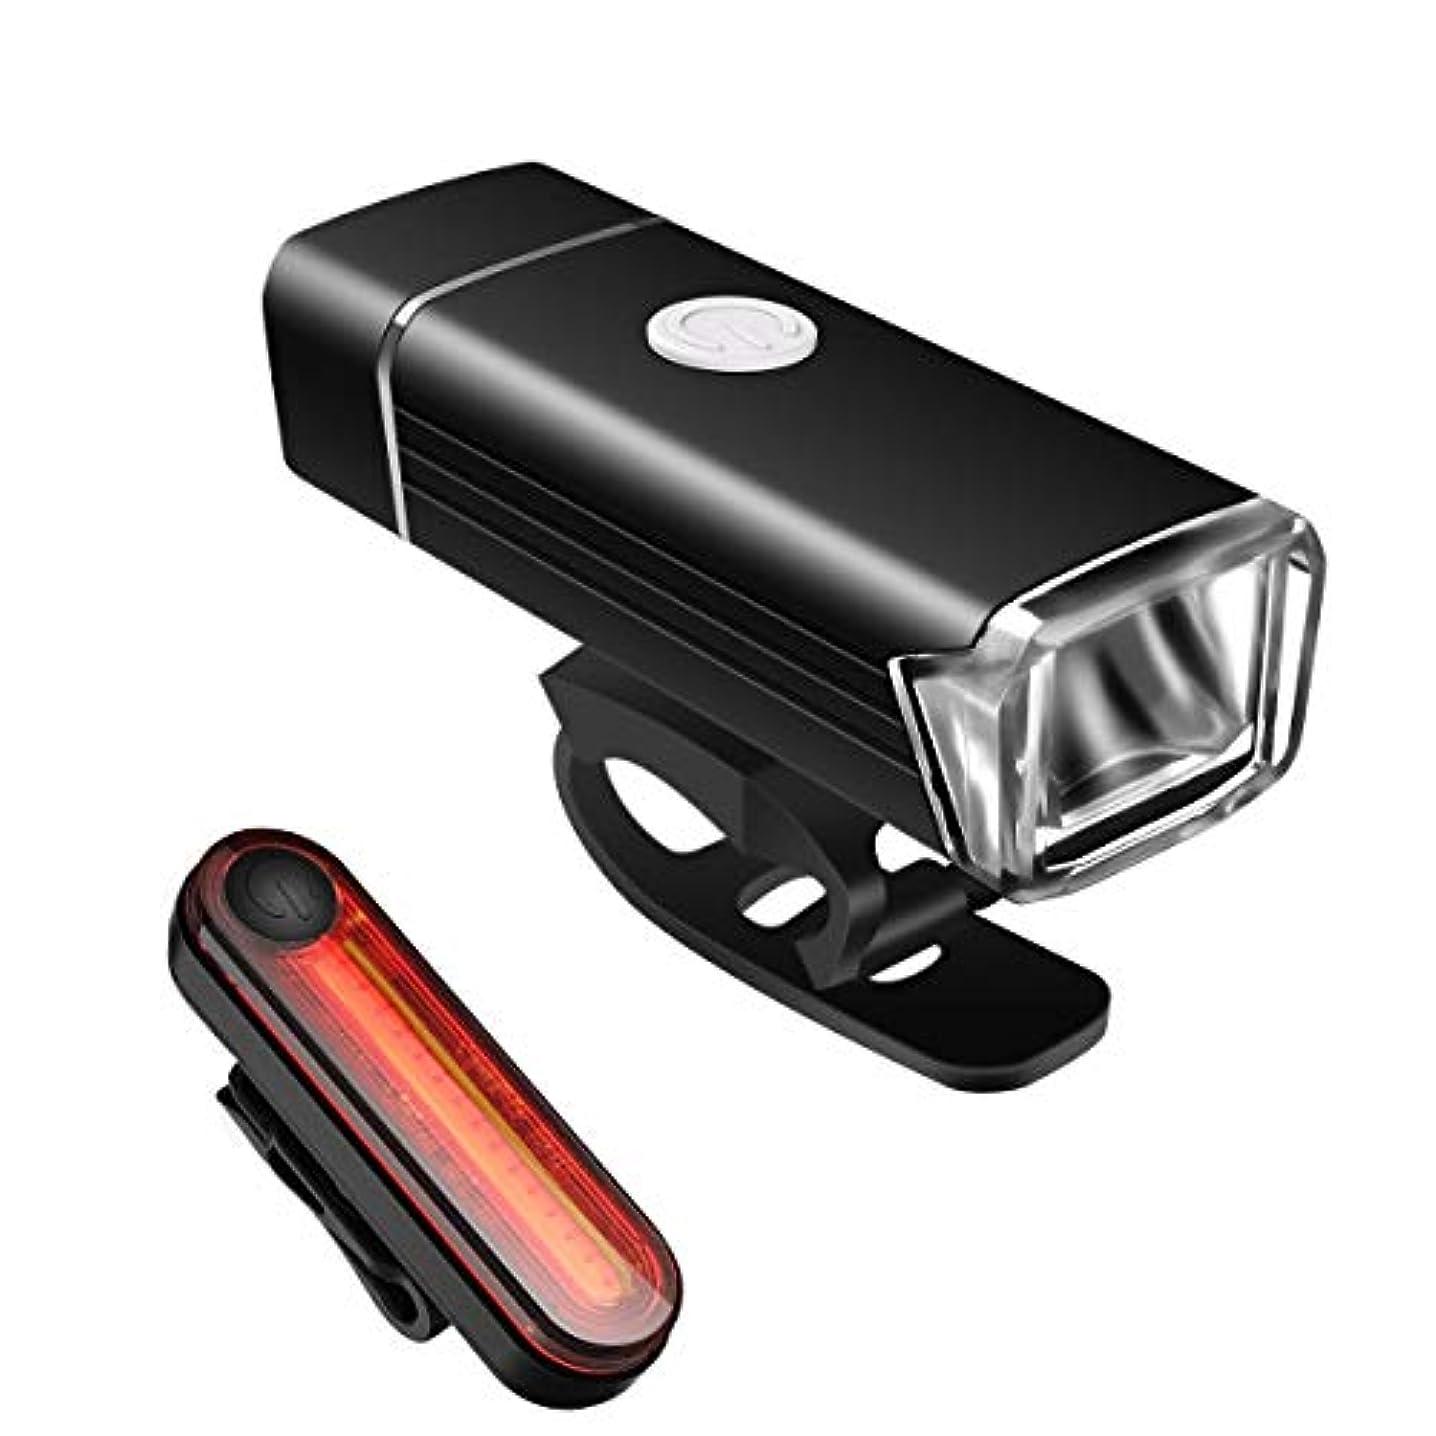 意志冬理論Dealsboom 自転車ライト USB充電式 ヘッドライト テールライト 高輝度 400ルーメン 懐中電灯兼用 IPX5防水 4点灯モード 100メートル以上照射 耐衝撃 アルミ合金製 着脱簡単 アウトドア専用 18ヶ月間安心保証